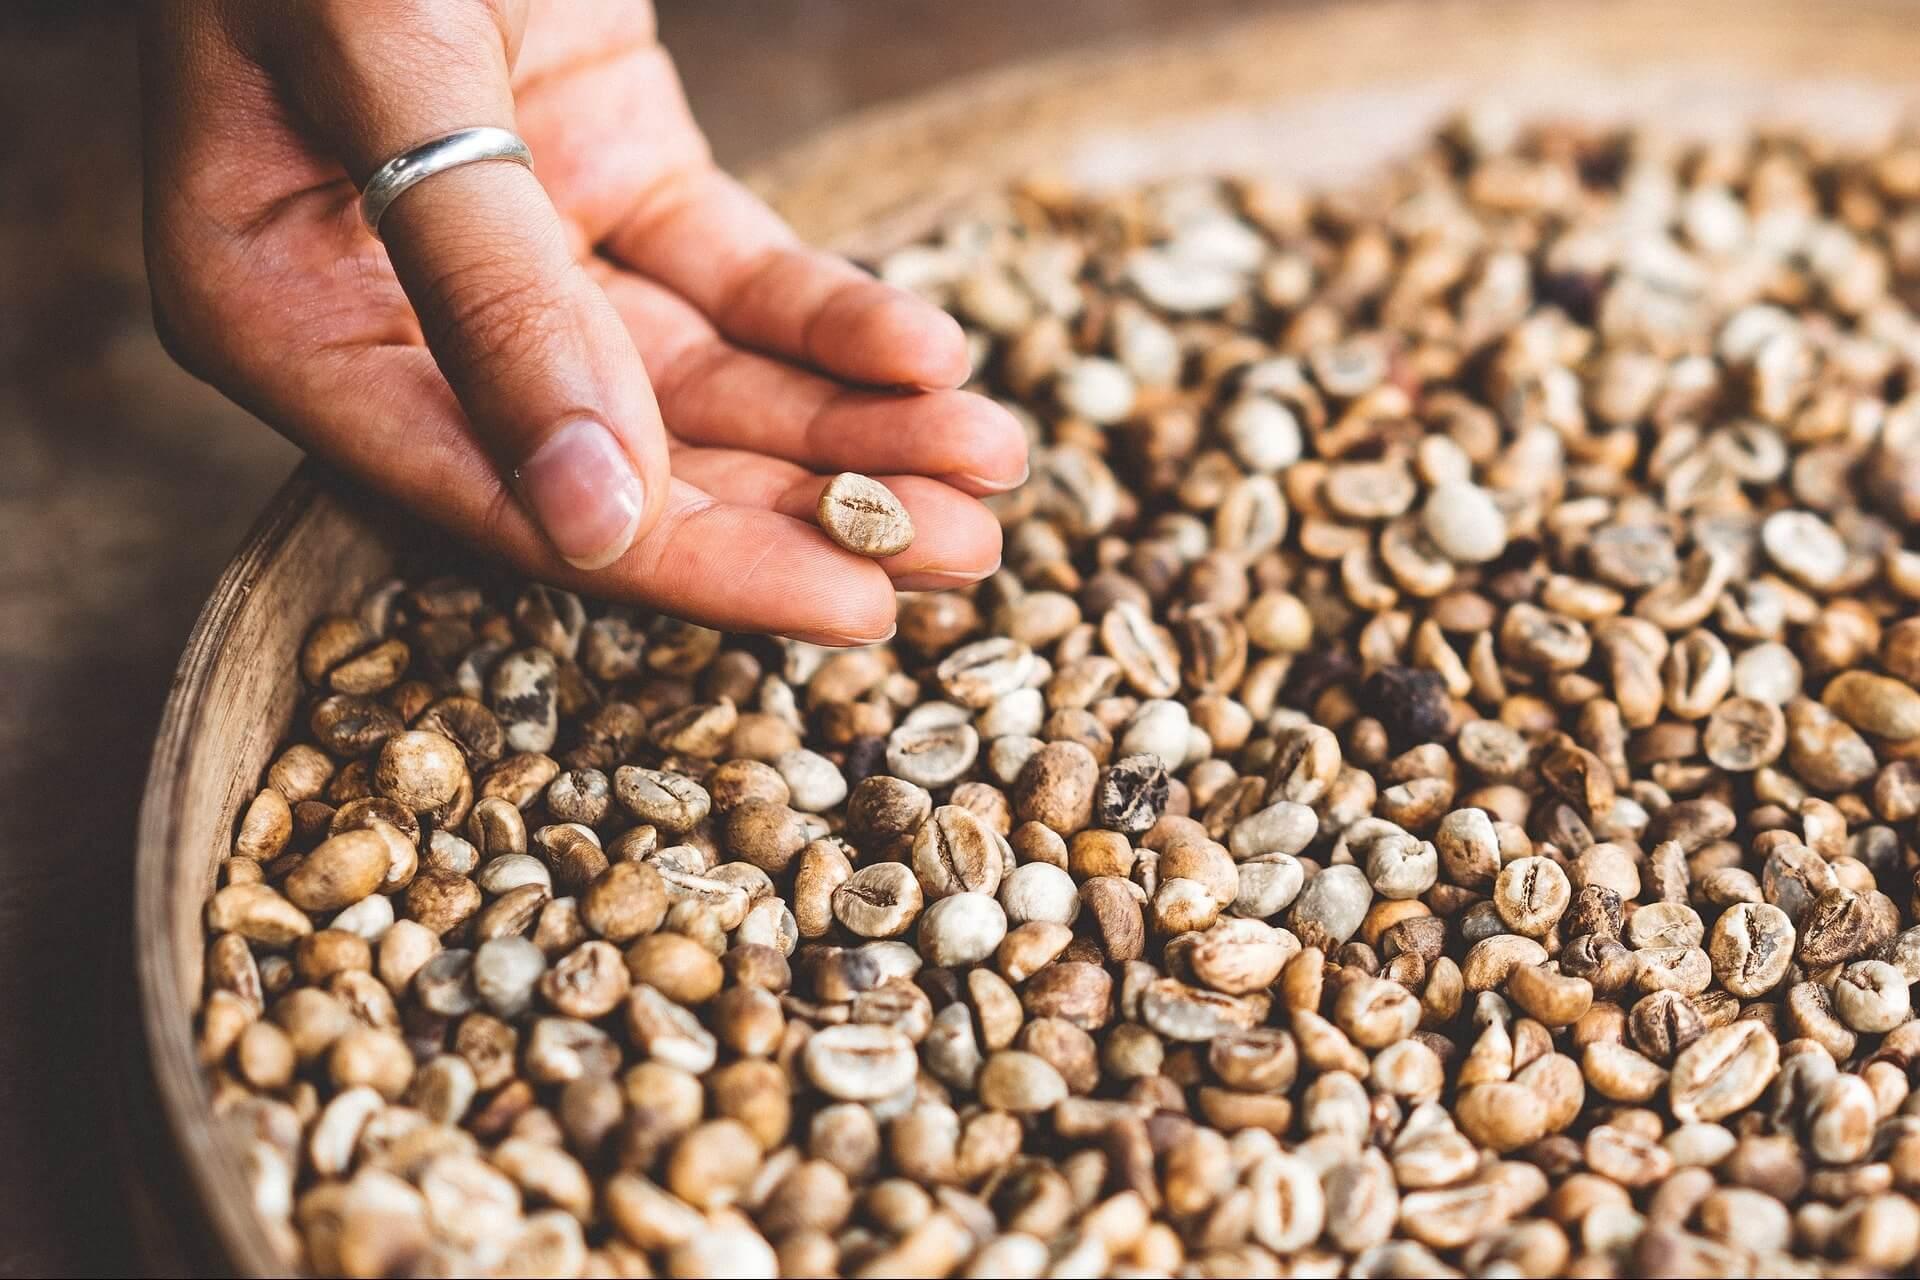 咖啡科普|什麼是單品咖啡?什麼是配方咖啡?